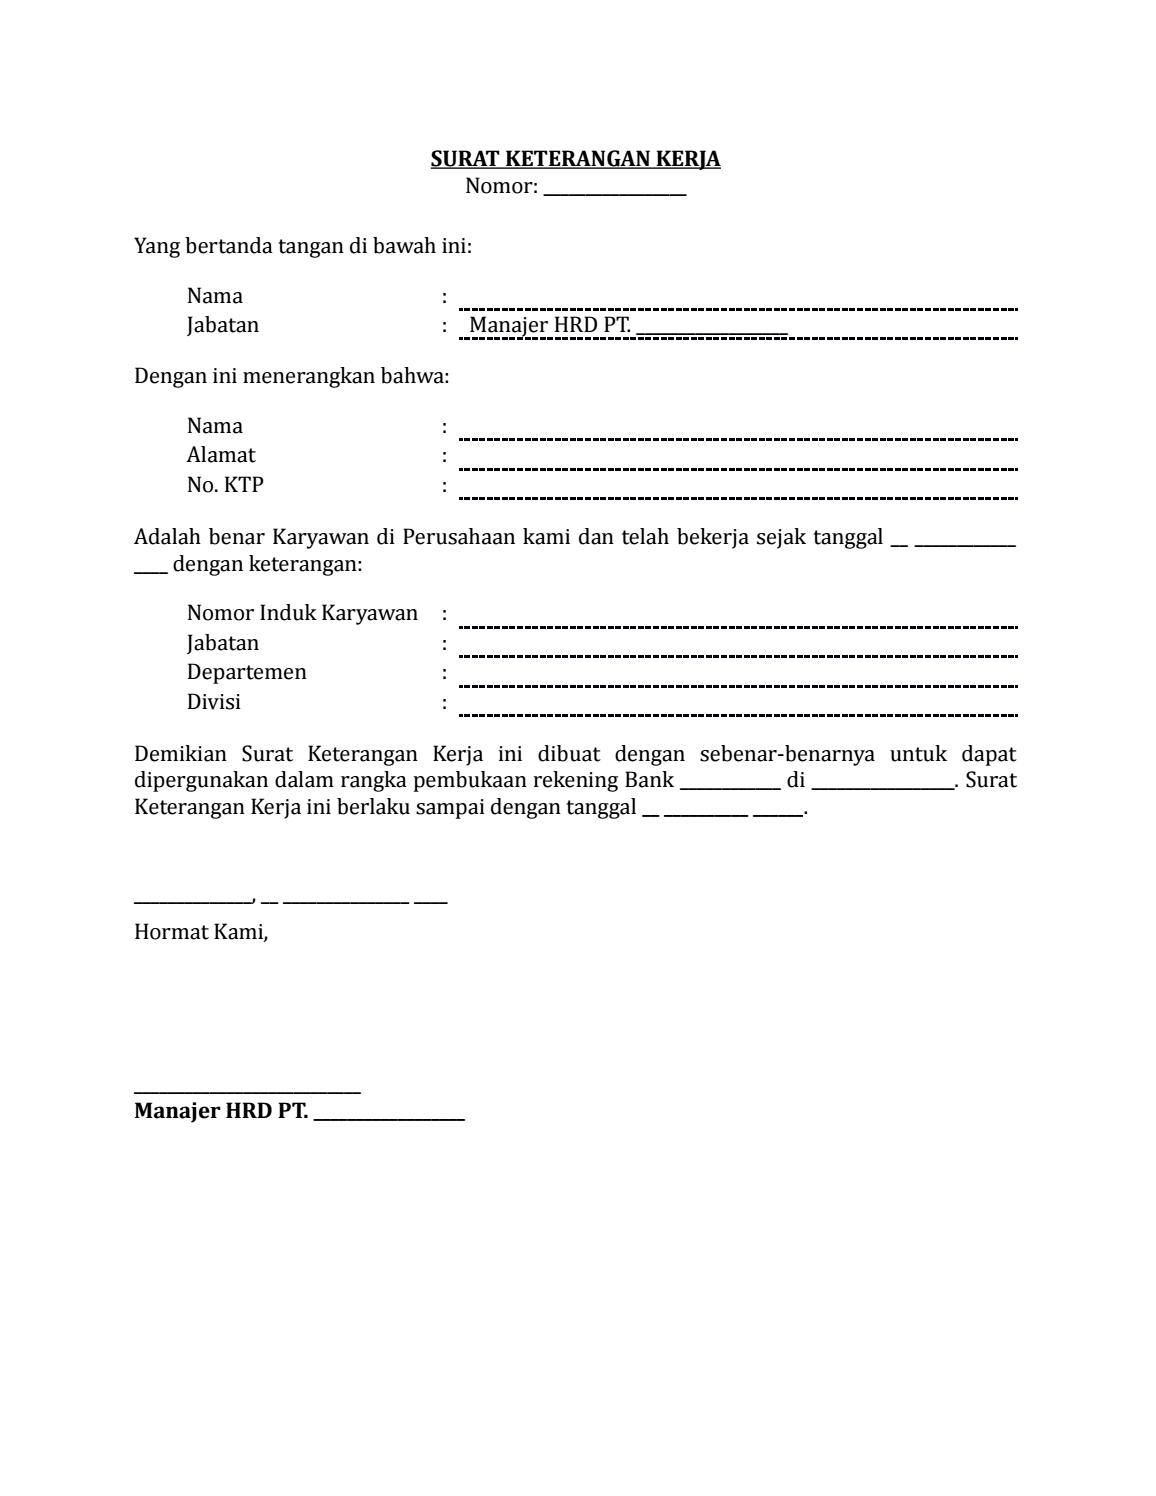 Surat Keterangan Kerja Untuk Buka Rekening Bank